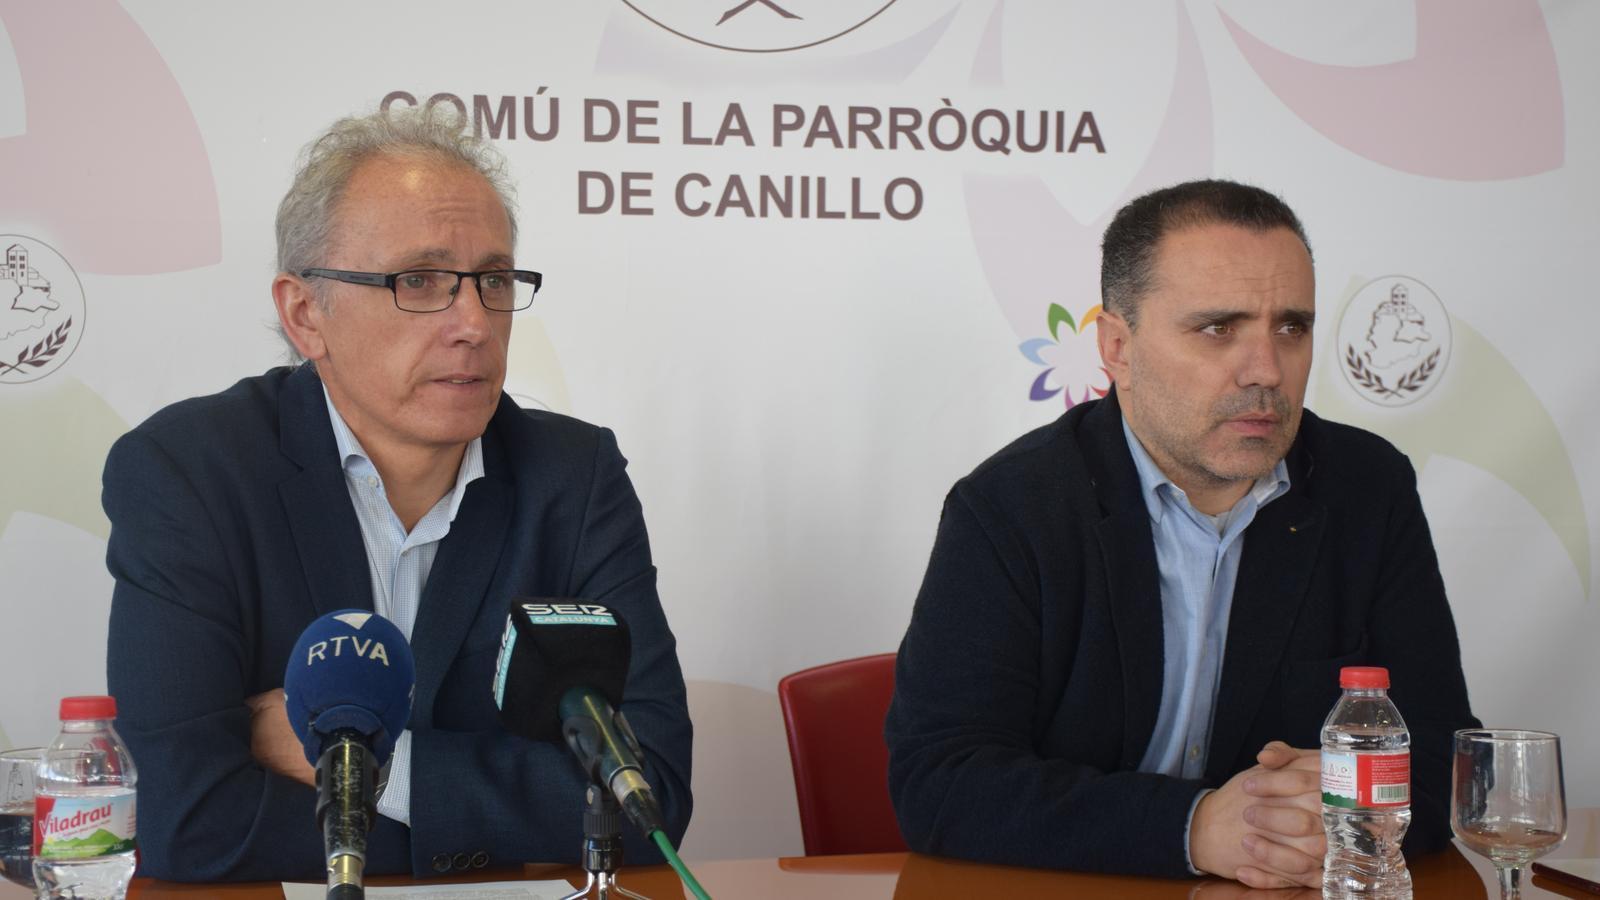 El cònsol major, Francesc Camp, i el cònsol menor, Marc Casal, durant la roda de premsa. / A.S.